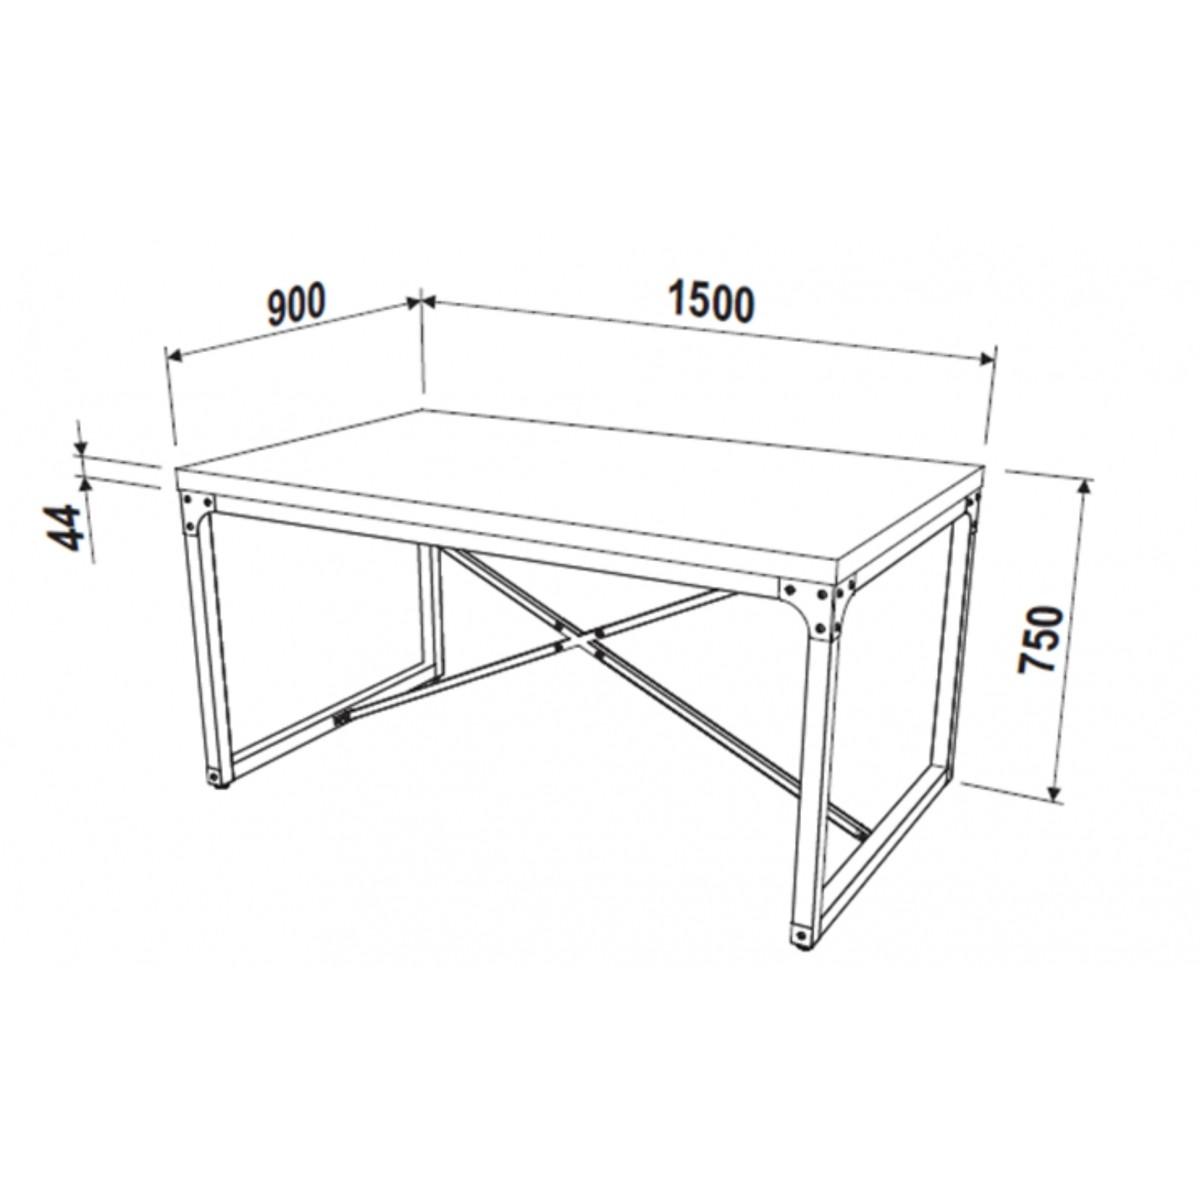 Mesa de Jantar 4 lugares 150x90cm Steel 14001 Artesano